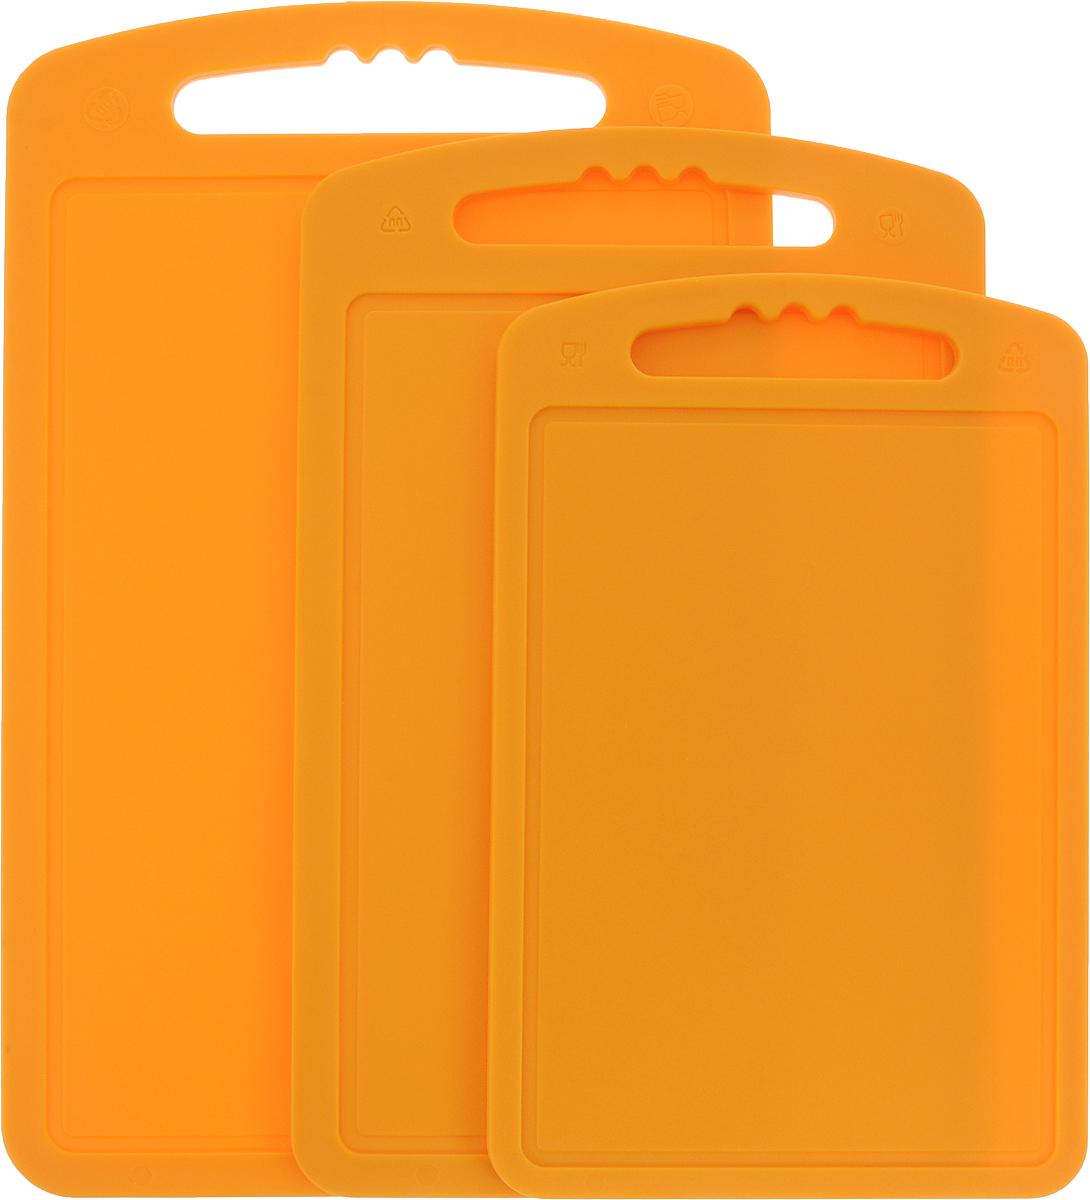 Доска разделочная Мартика, набор, 3 шт. С55КС55КИзделие выполнено с соблюдением необходимых требований к качеству и безопасности, включая санитарные, которые предъявляются к пластиковой продукции. Удобно в обращении. Имеет яркие цвета, привлекательный современный дизайн и высокий запас прочности. Разделочные пластиковые доски не требуют специального ухода, их удобно использовать, а материалы досок, в соответствии с существующими санитарными нормами, разрешены для контакта с пищевыми продуктами.